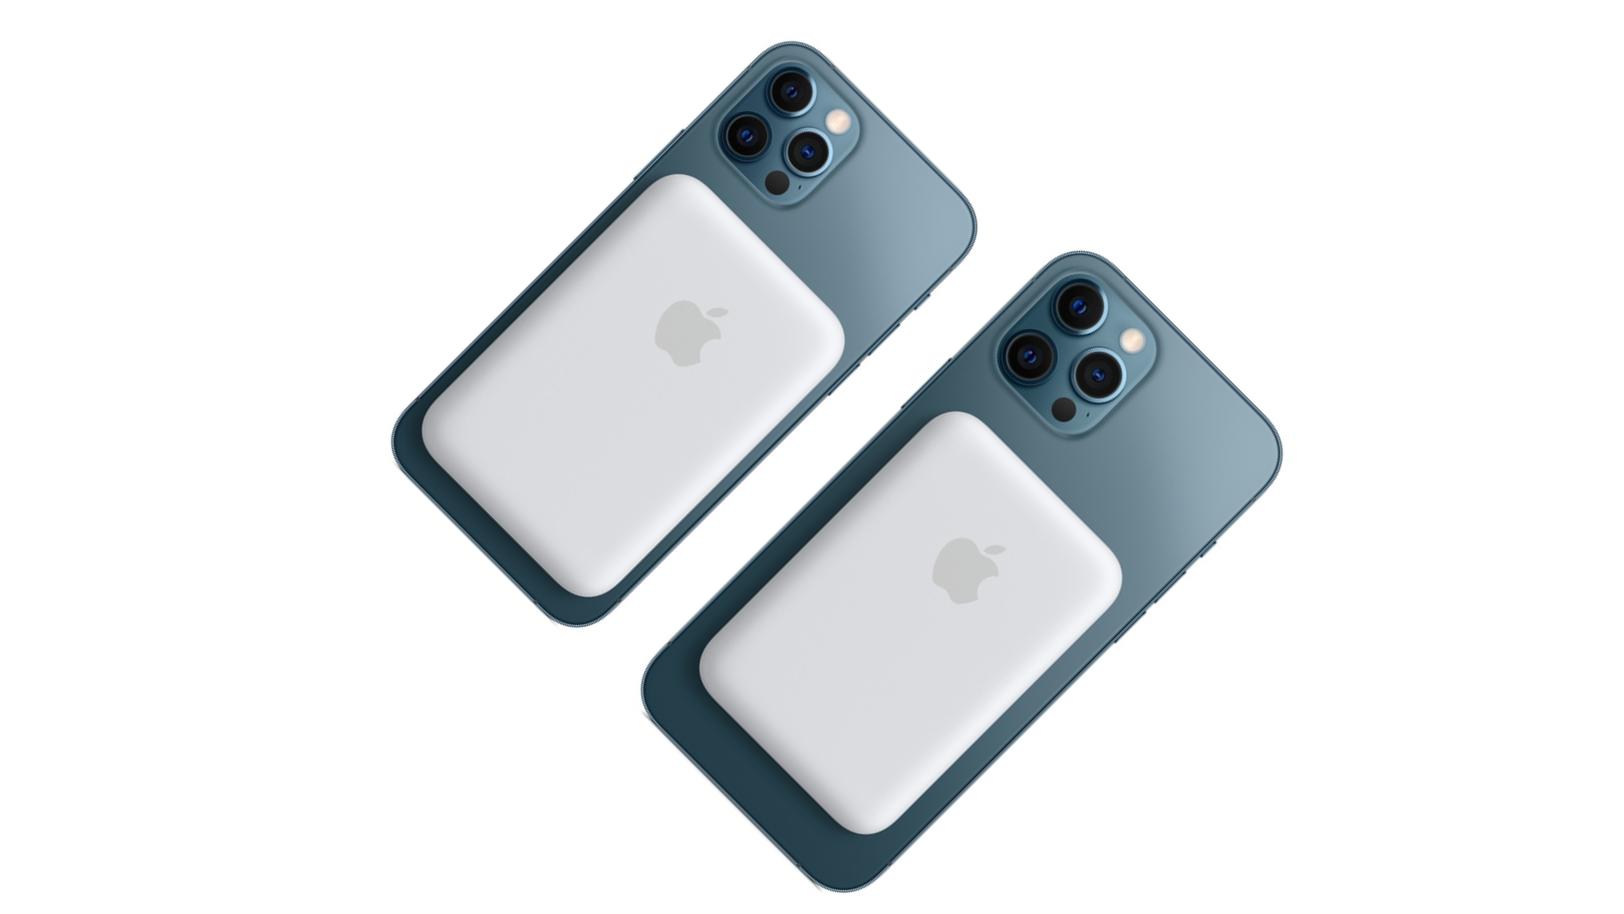 Apple Baterie MagSafe představena